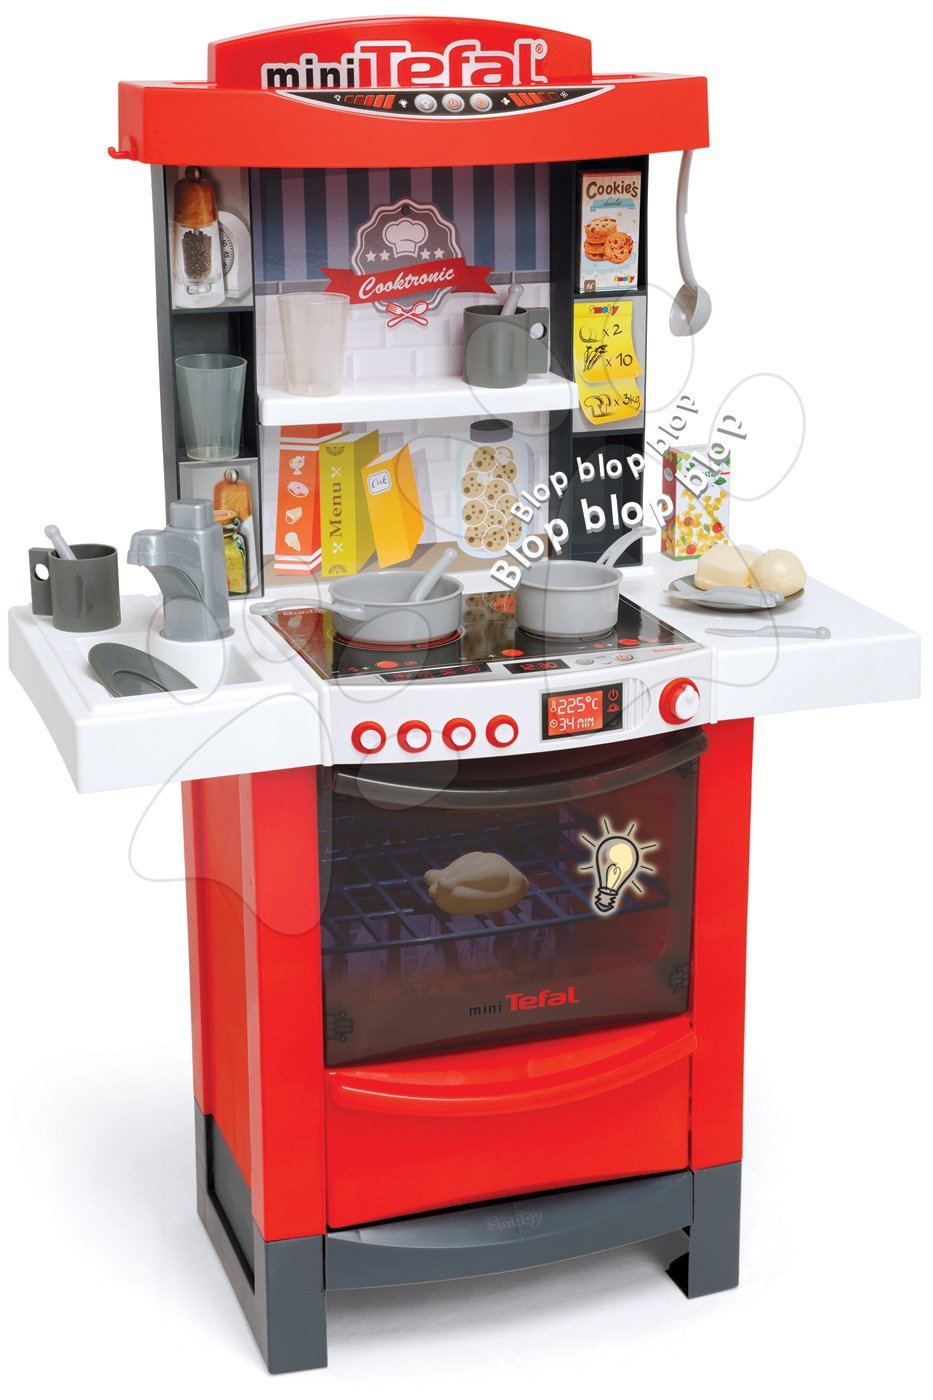 Kuchyňka TEFAL Cook'tronic elektronická Smoby se světlem a zvuky, 20 doplňků